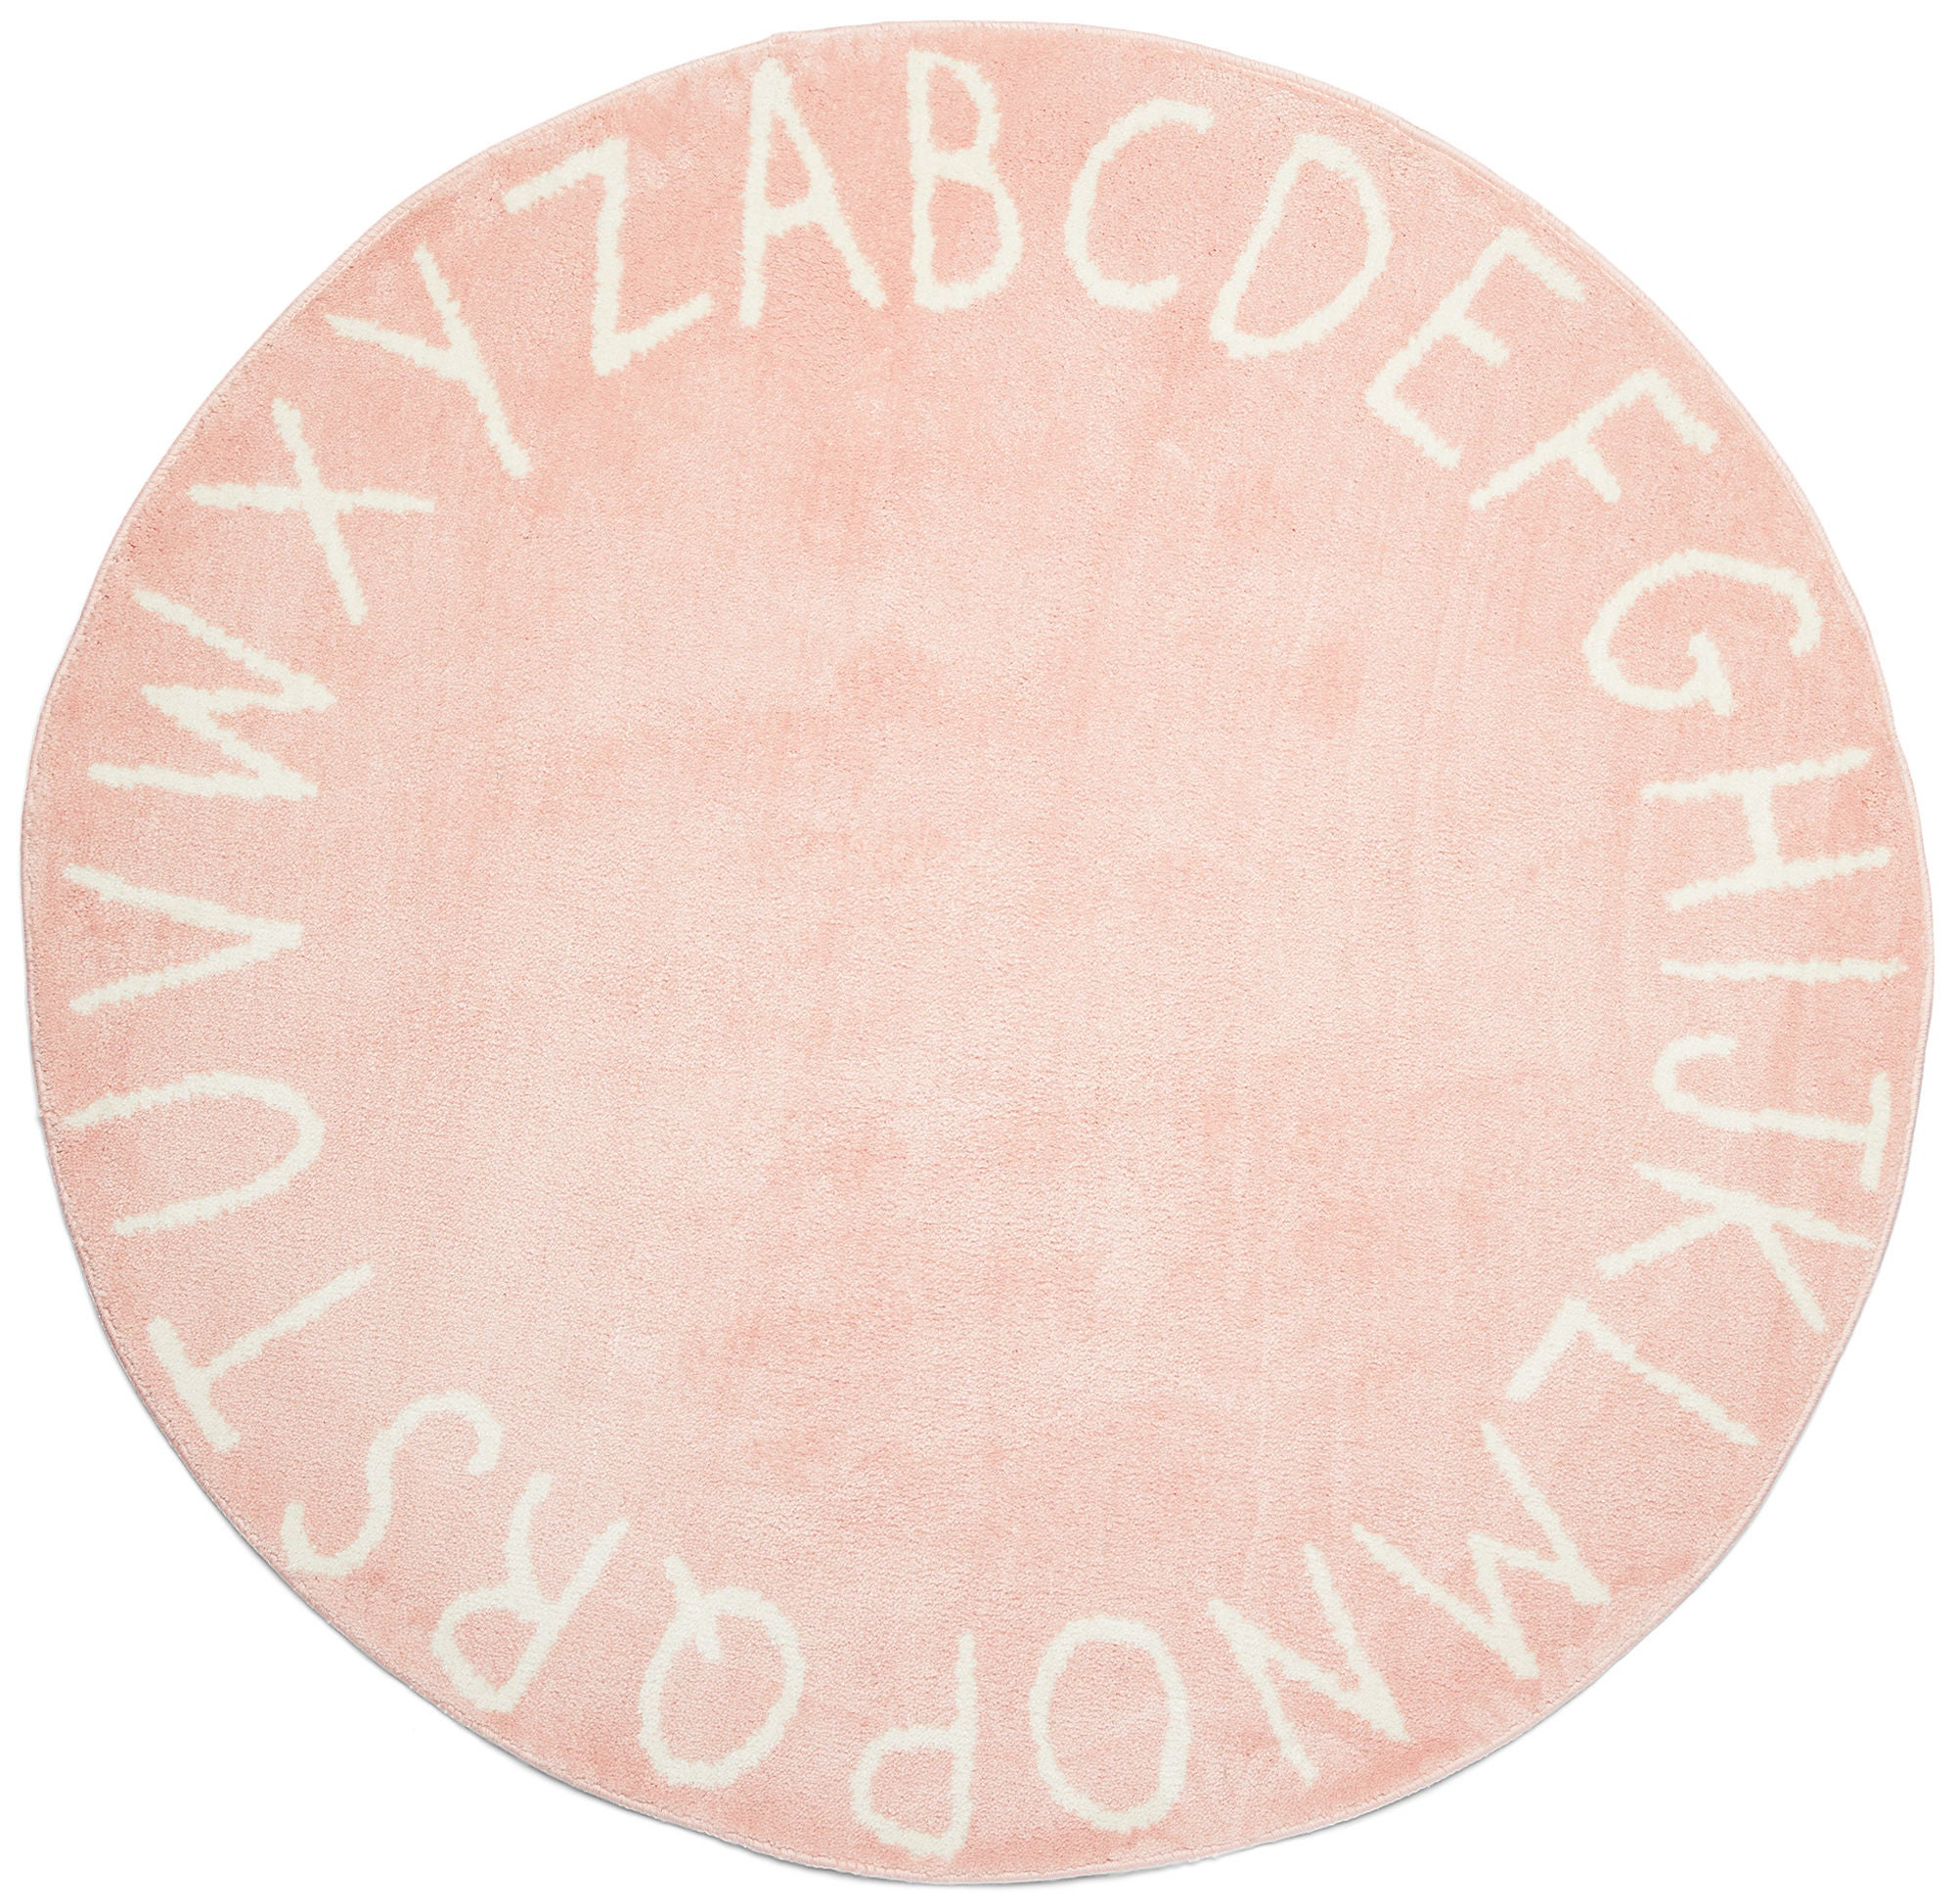 Alice & Fox Matto Kirjaimet 150 cm, Vaaleanpunainen